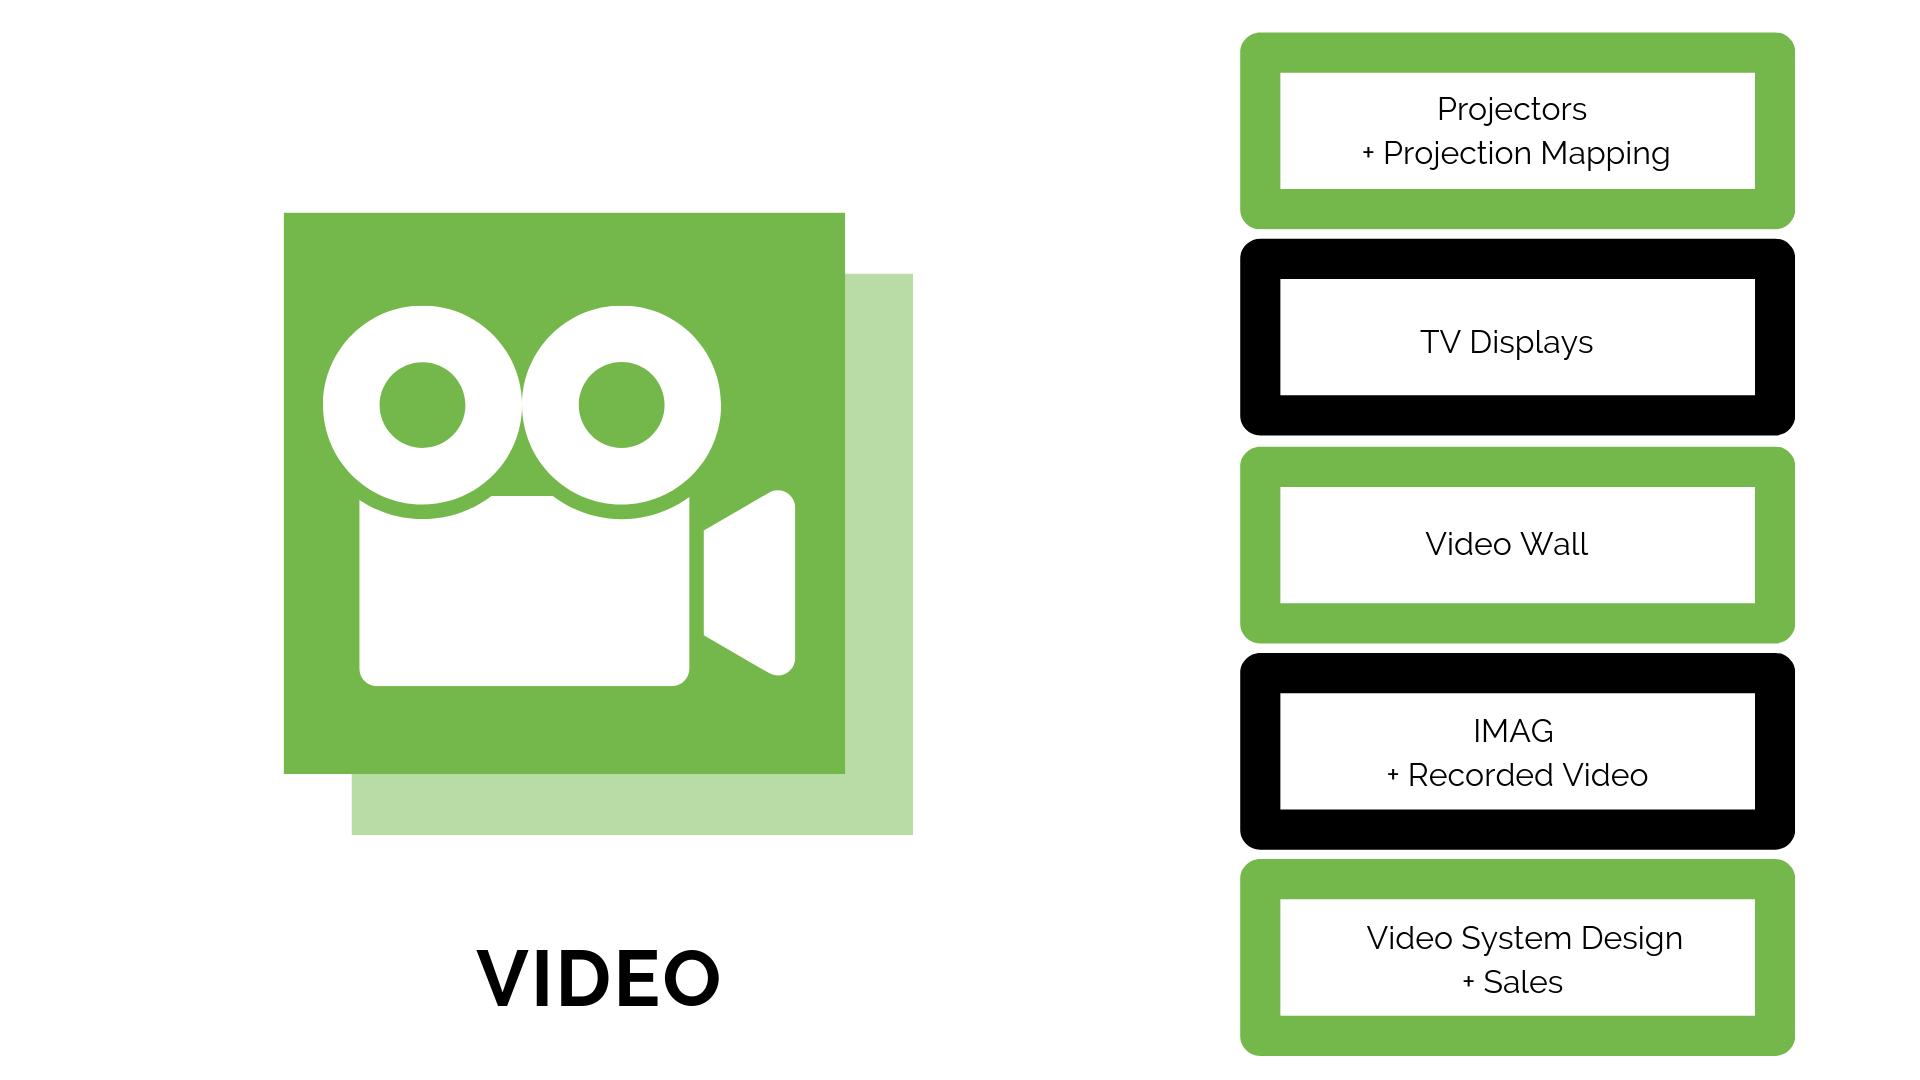 PR PRO Services - Video